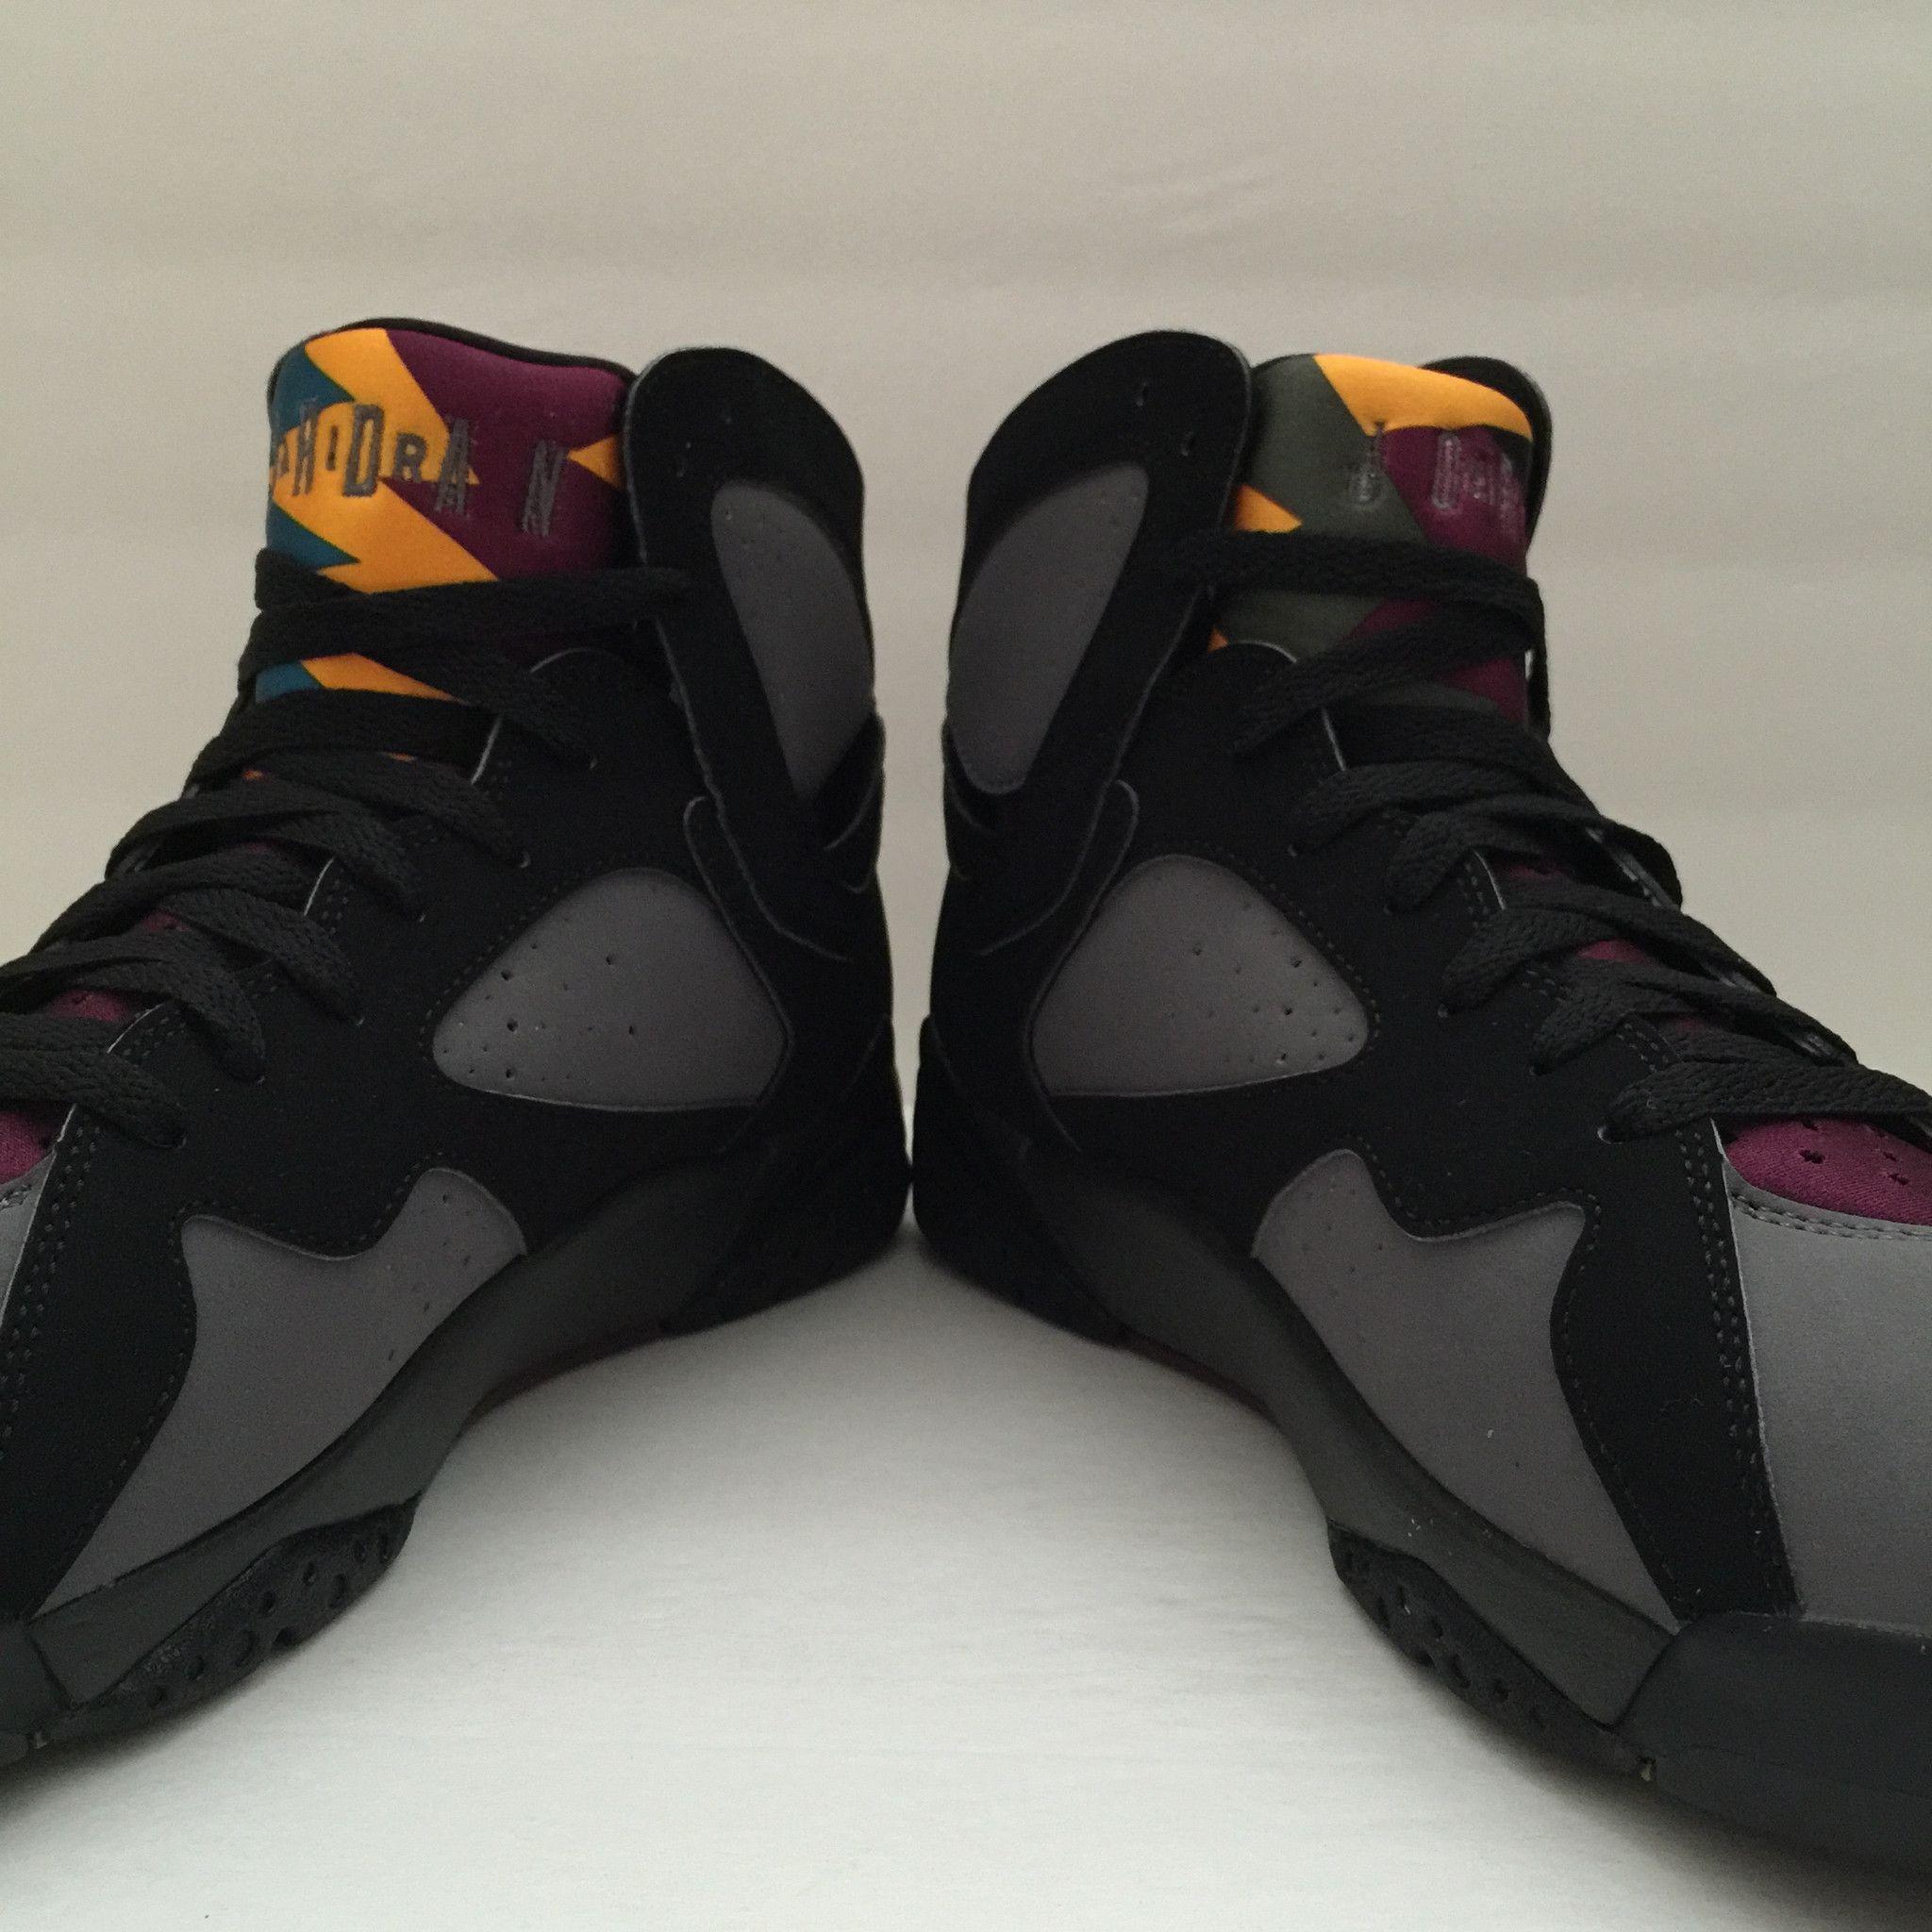 7716b06d63ab06 DS Nike Air Jordan 7 VII Retro  BORDEAUX  Size 10  Size 11  Size 11.5  Size  12